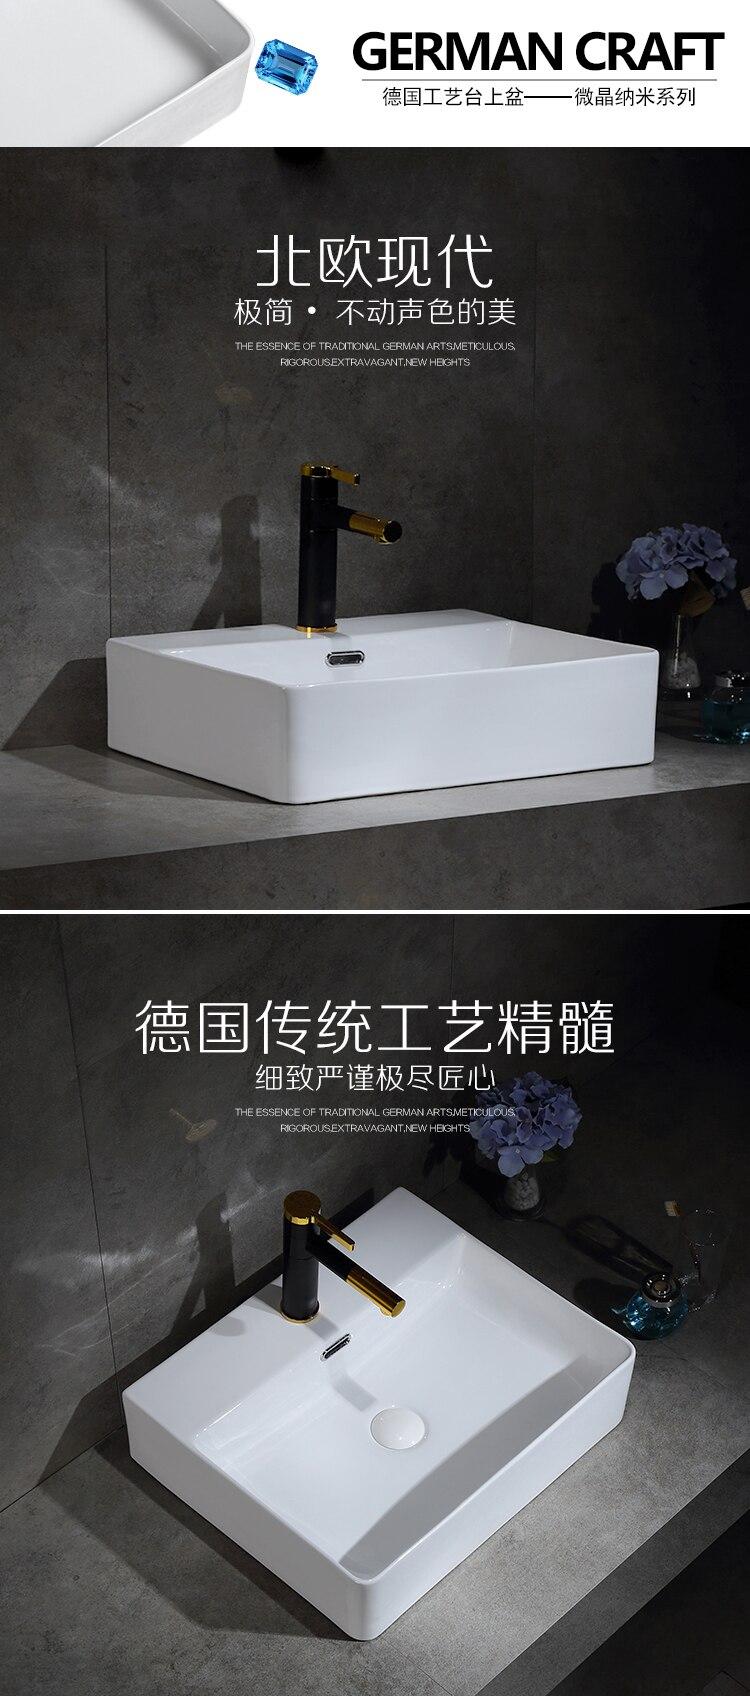 Керамический умывальник для ванной комнаты и туалета раковина белый керамический врезной умывальник с одним отверстием аксессуары для ванной комнаты раковины-столешницы